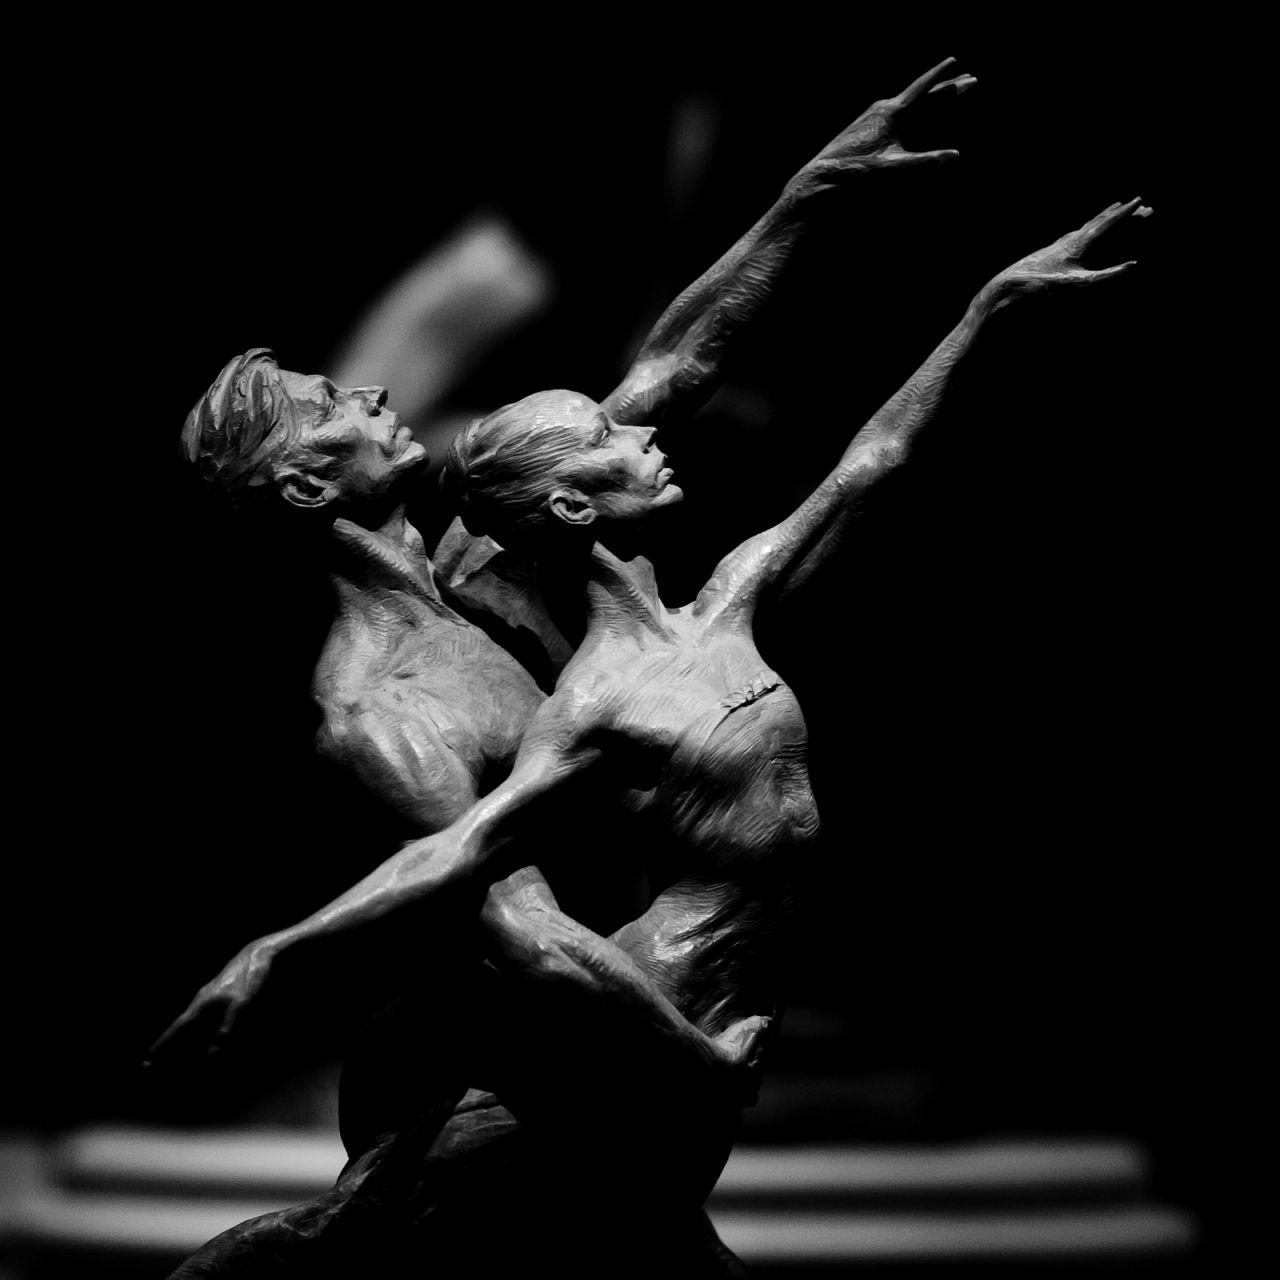 Скульптура Ричарда МакДональда. Отель Белладжио. Лас-Вегас Стрип